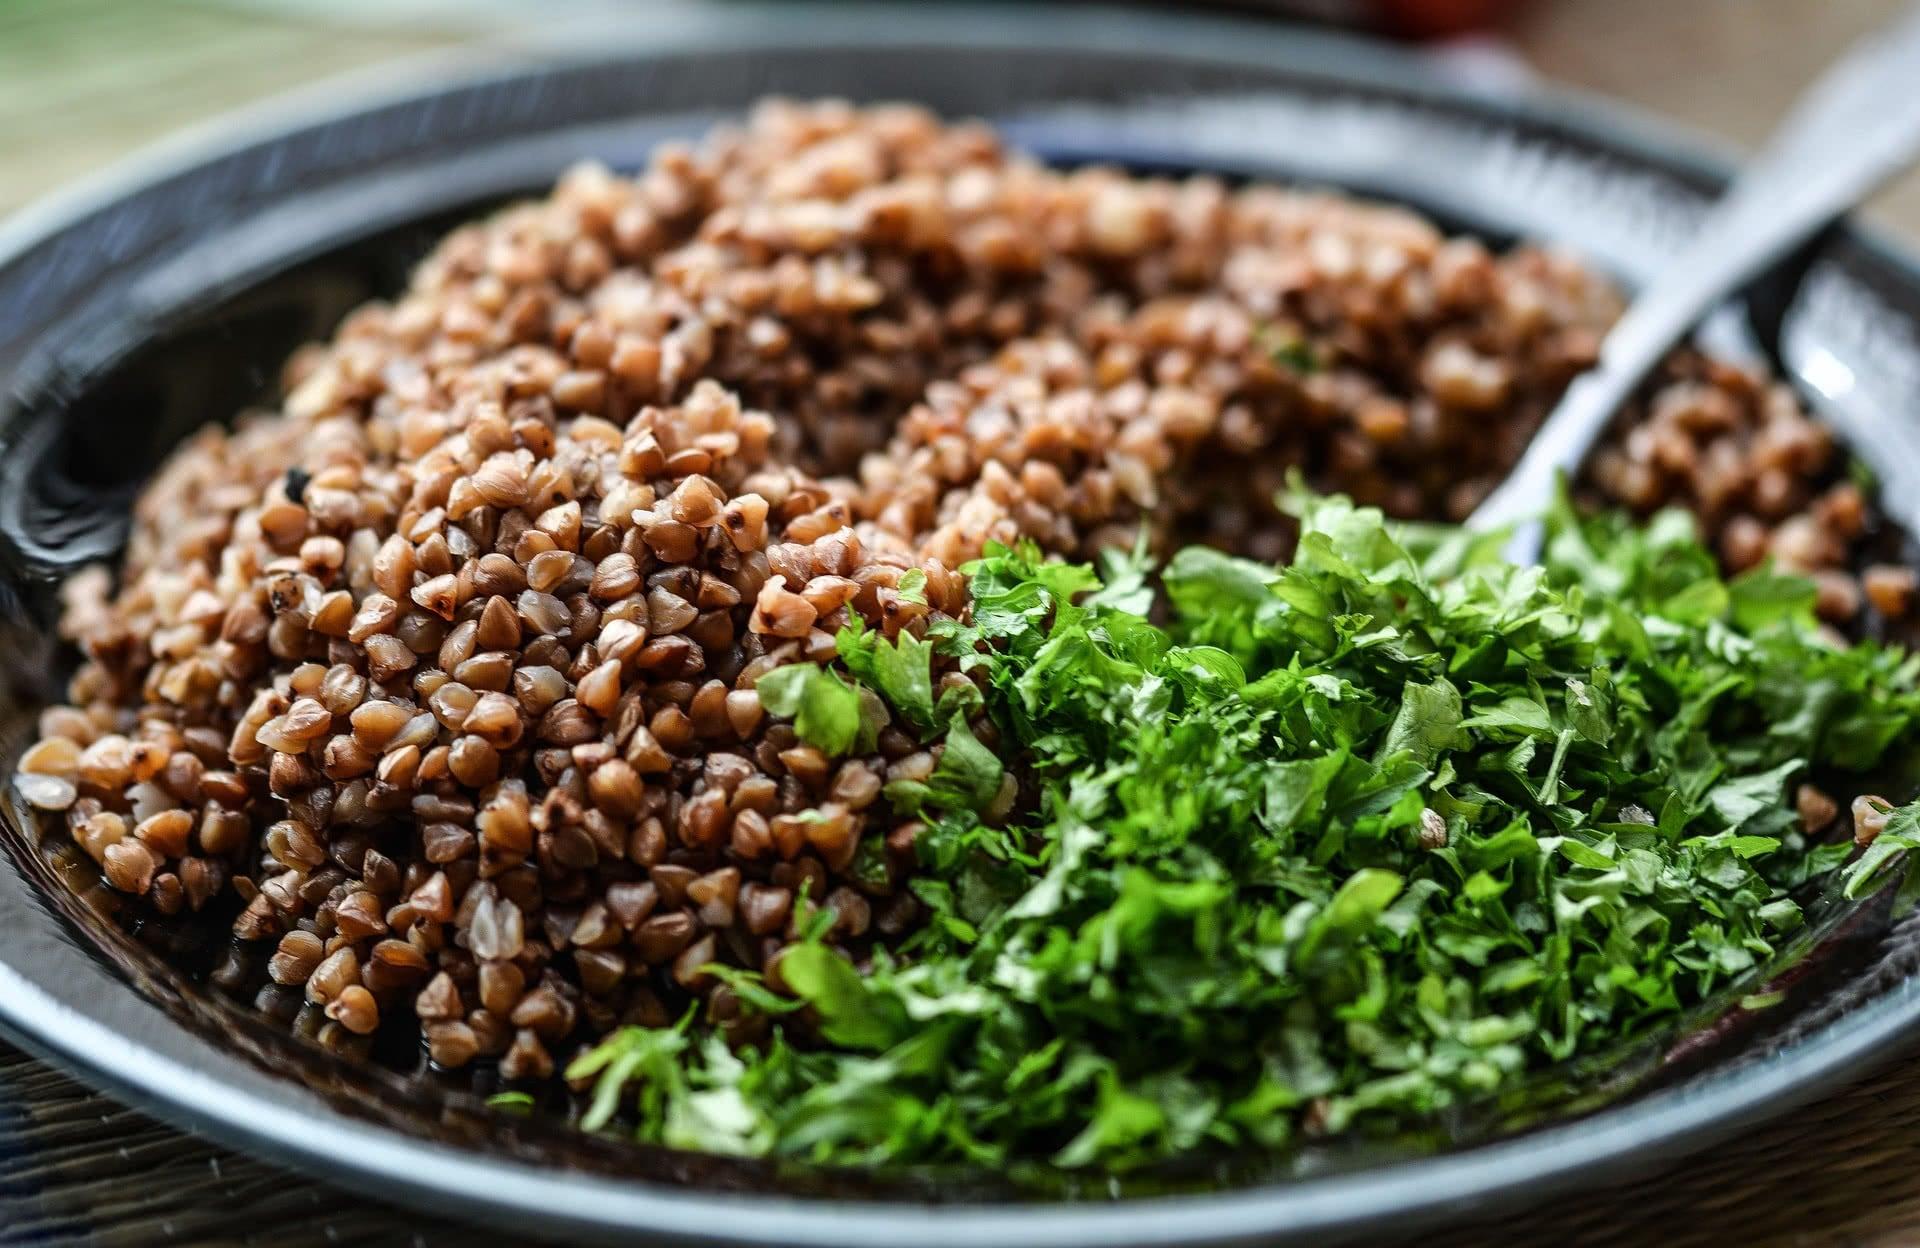 groats-herbs